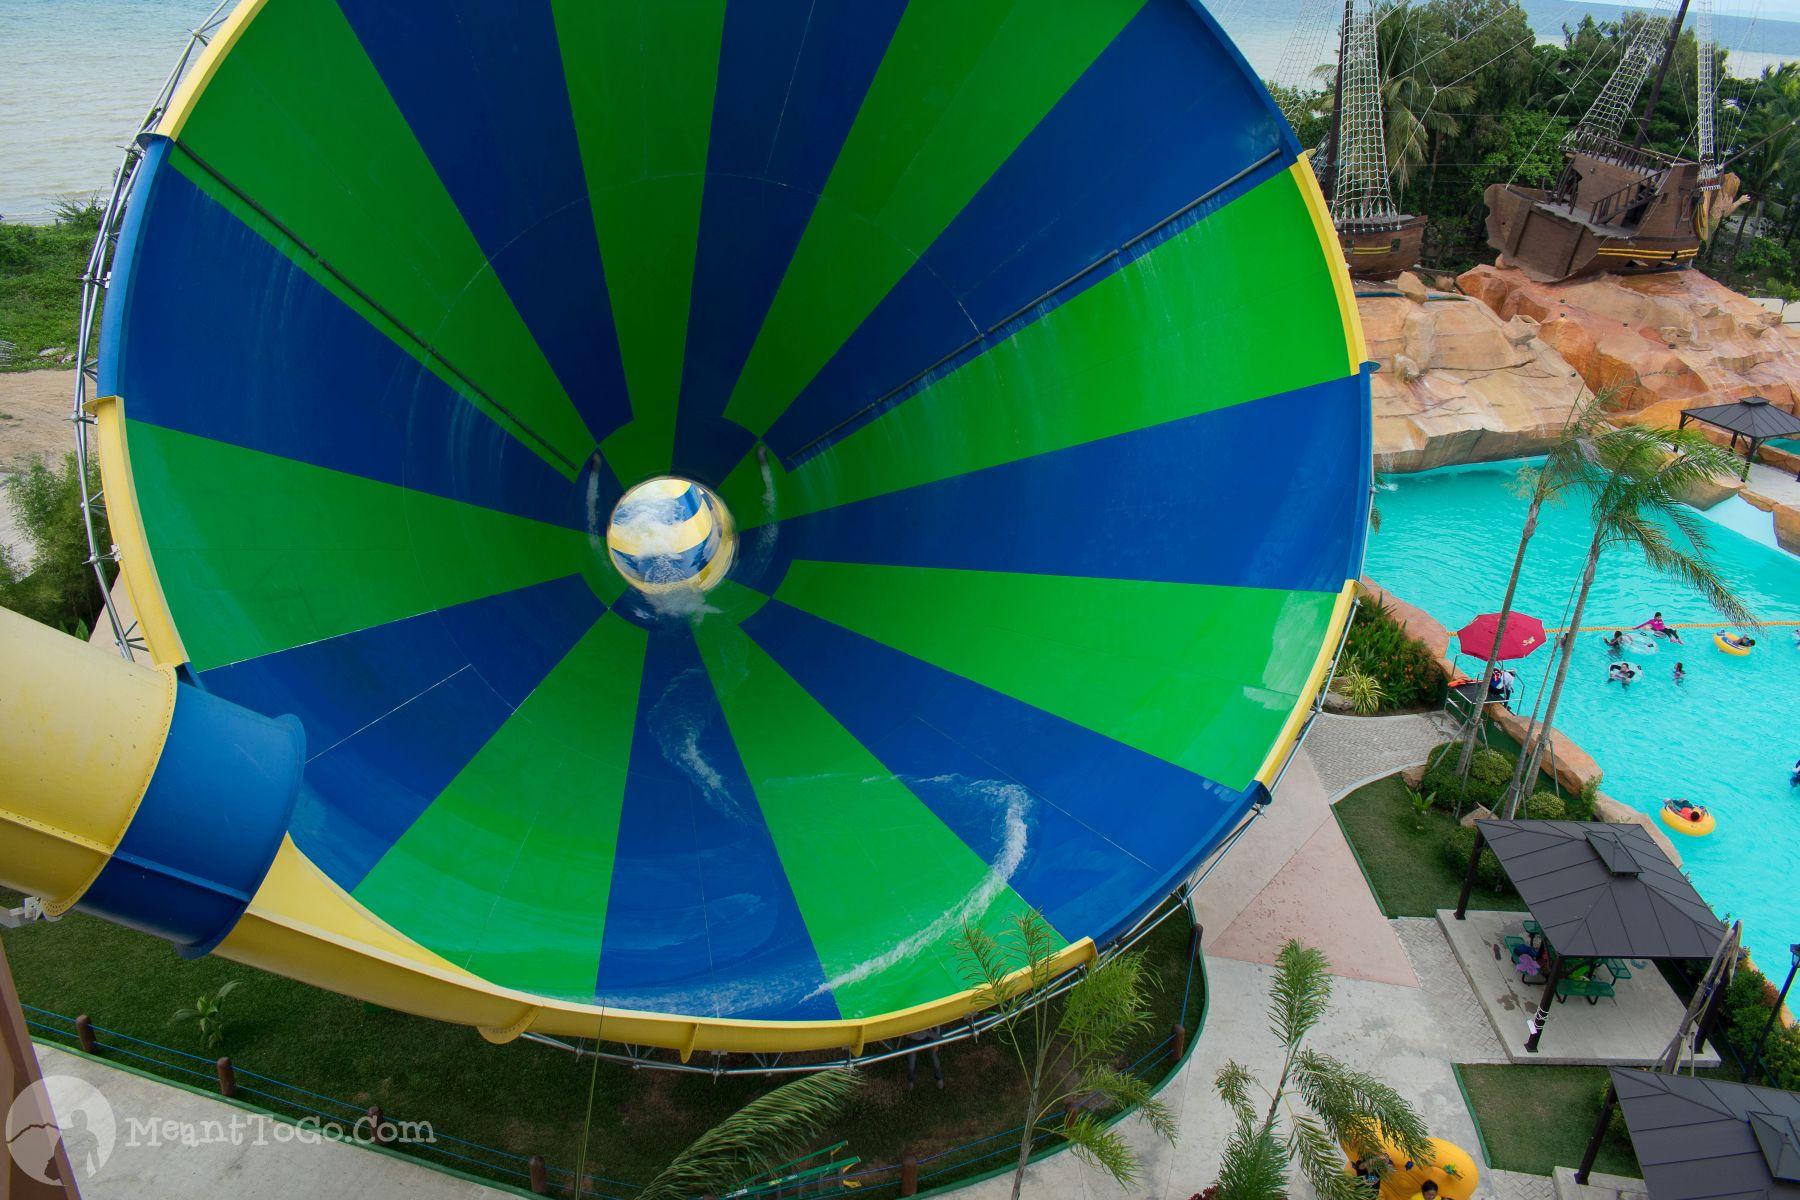 Cyclone Slide at Seven Seas Waterpark & Resort, Opol, Misamis Oriental